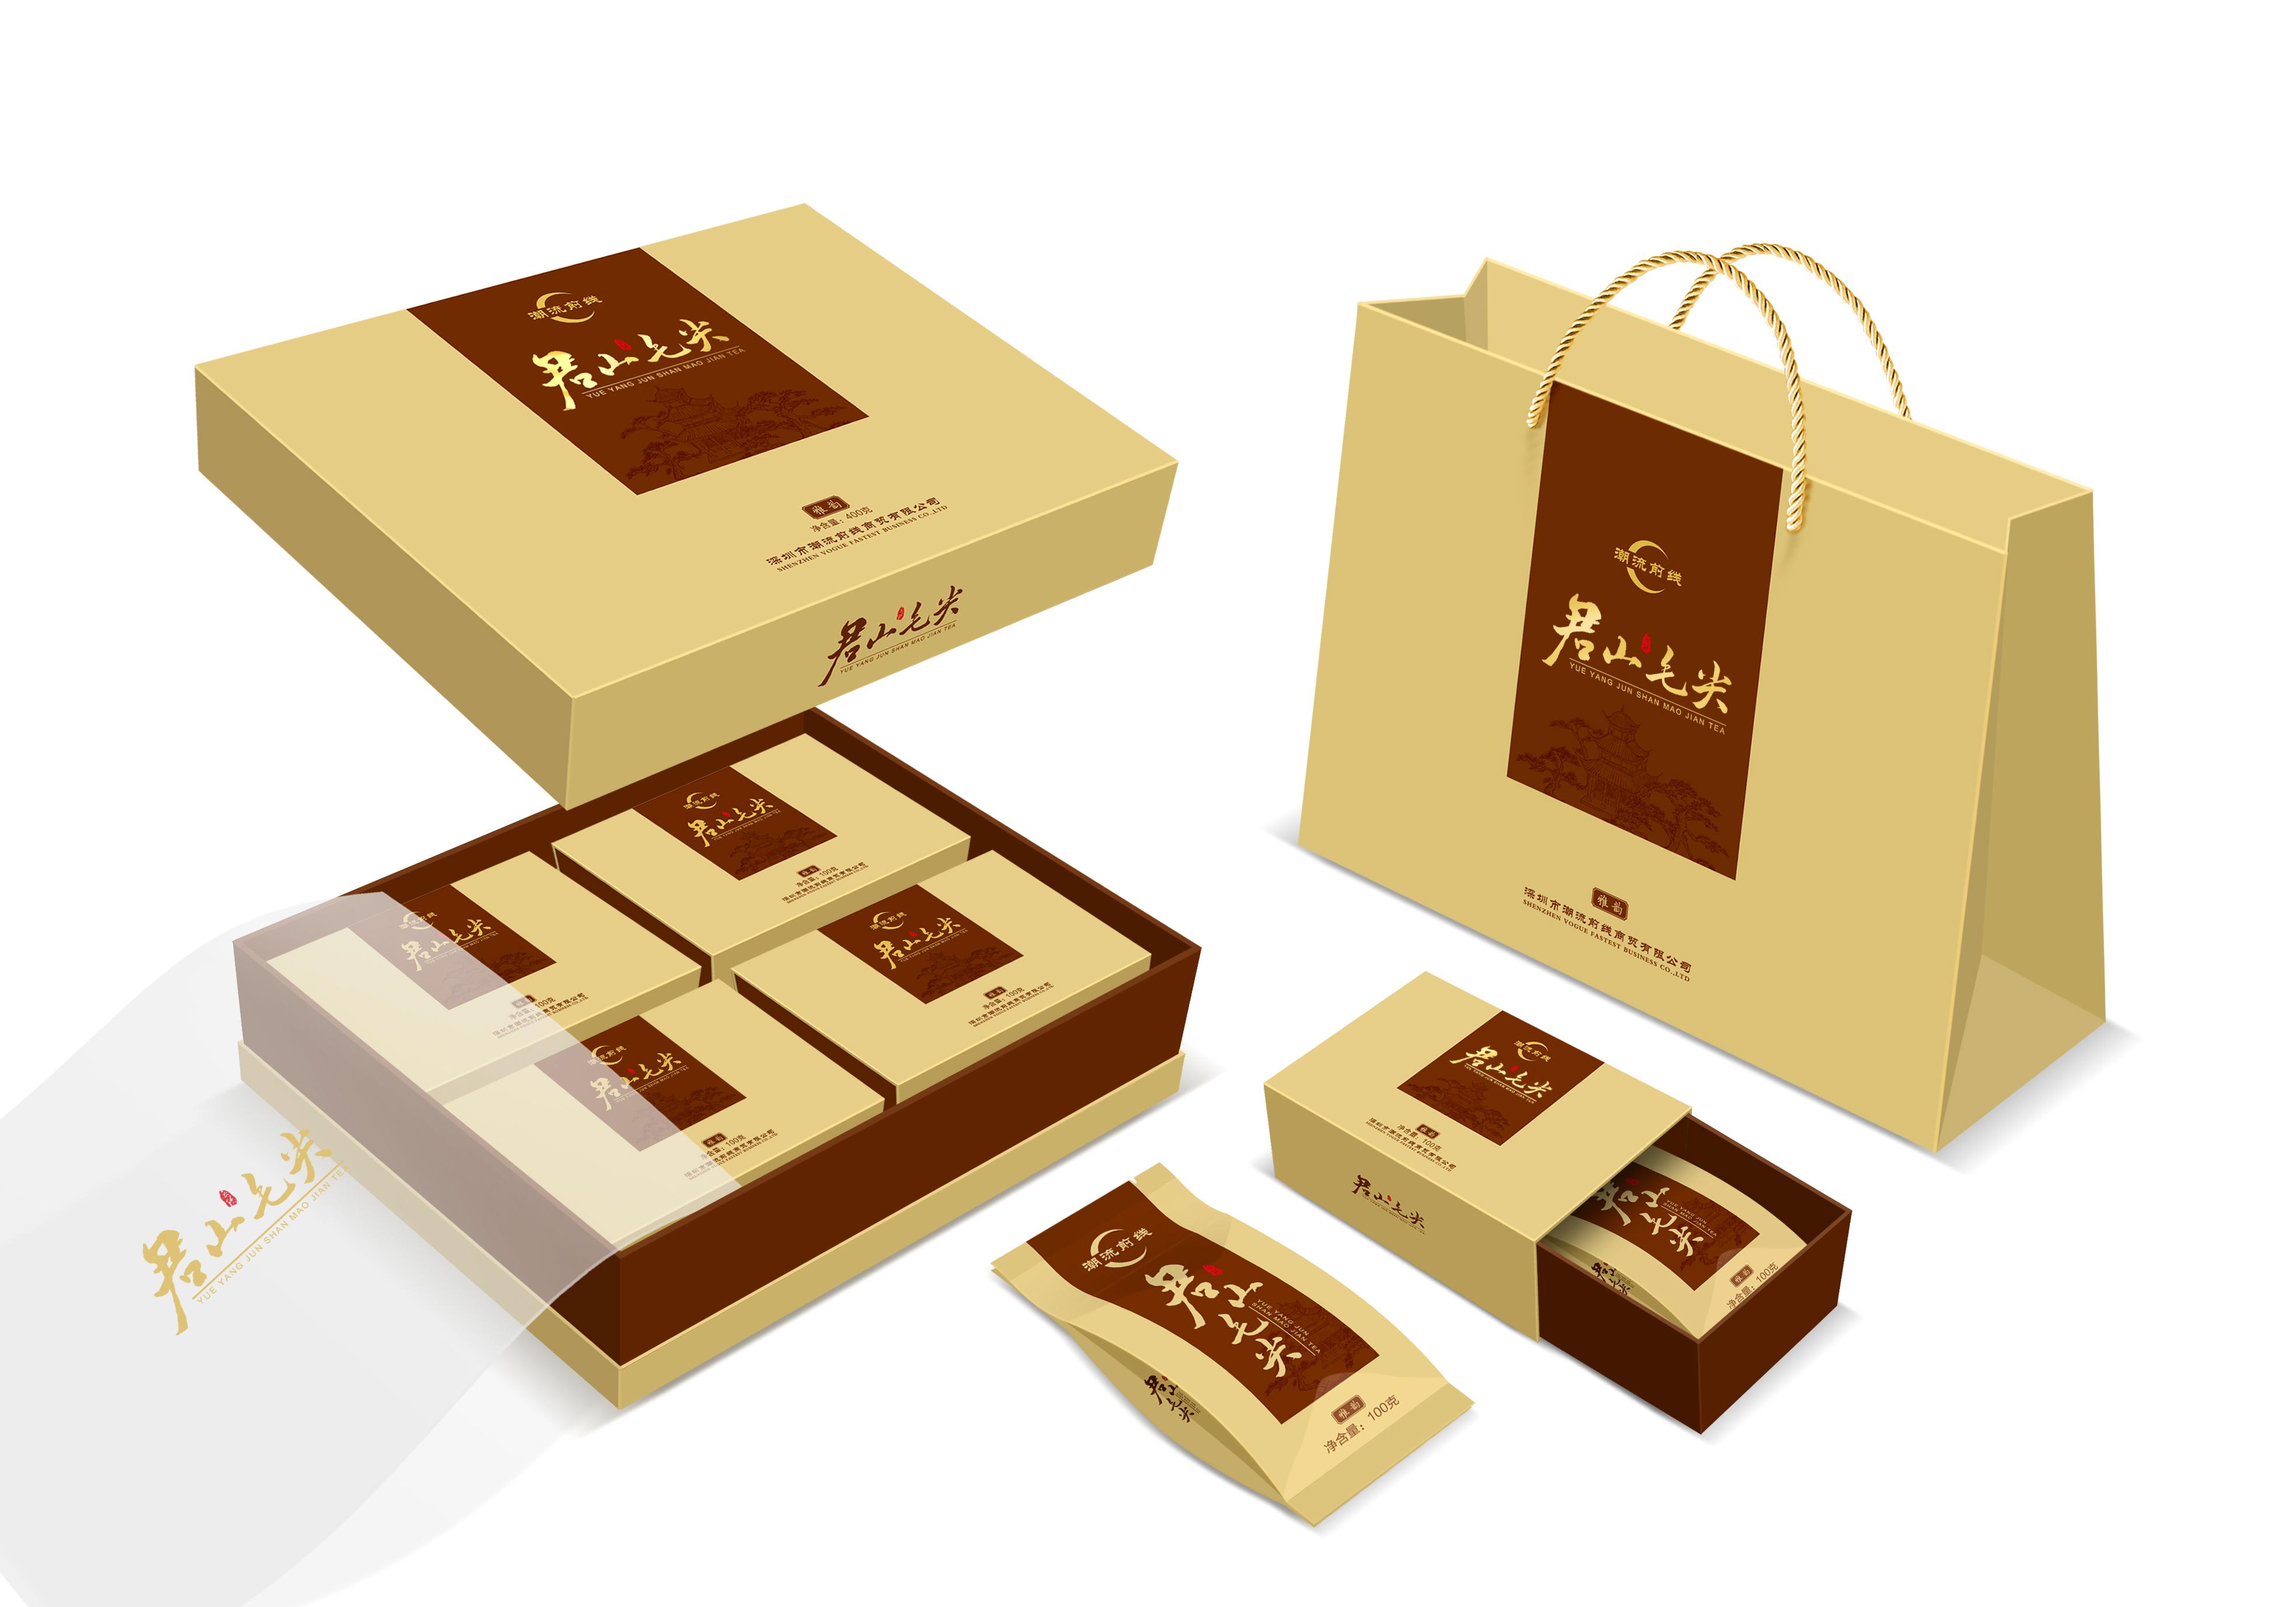 茶叶包装设计 包装盒设计 深圳包装设计公司 深圳画册设计 深圳标志